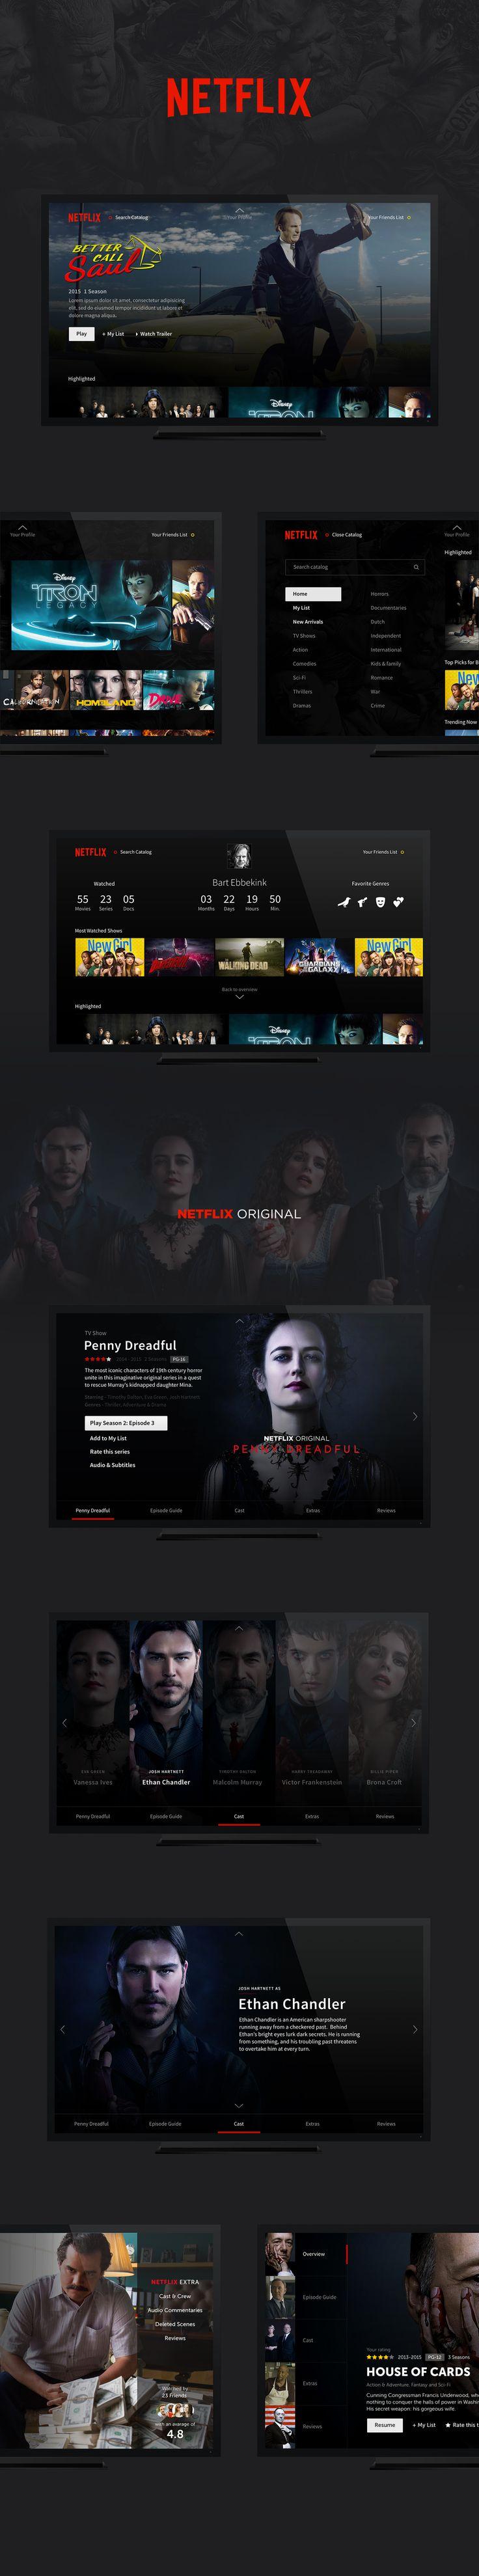 netflix concept https://dribbble.com/shots/2237822-Netflix-Exploration